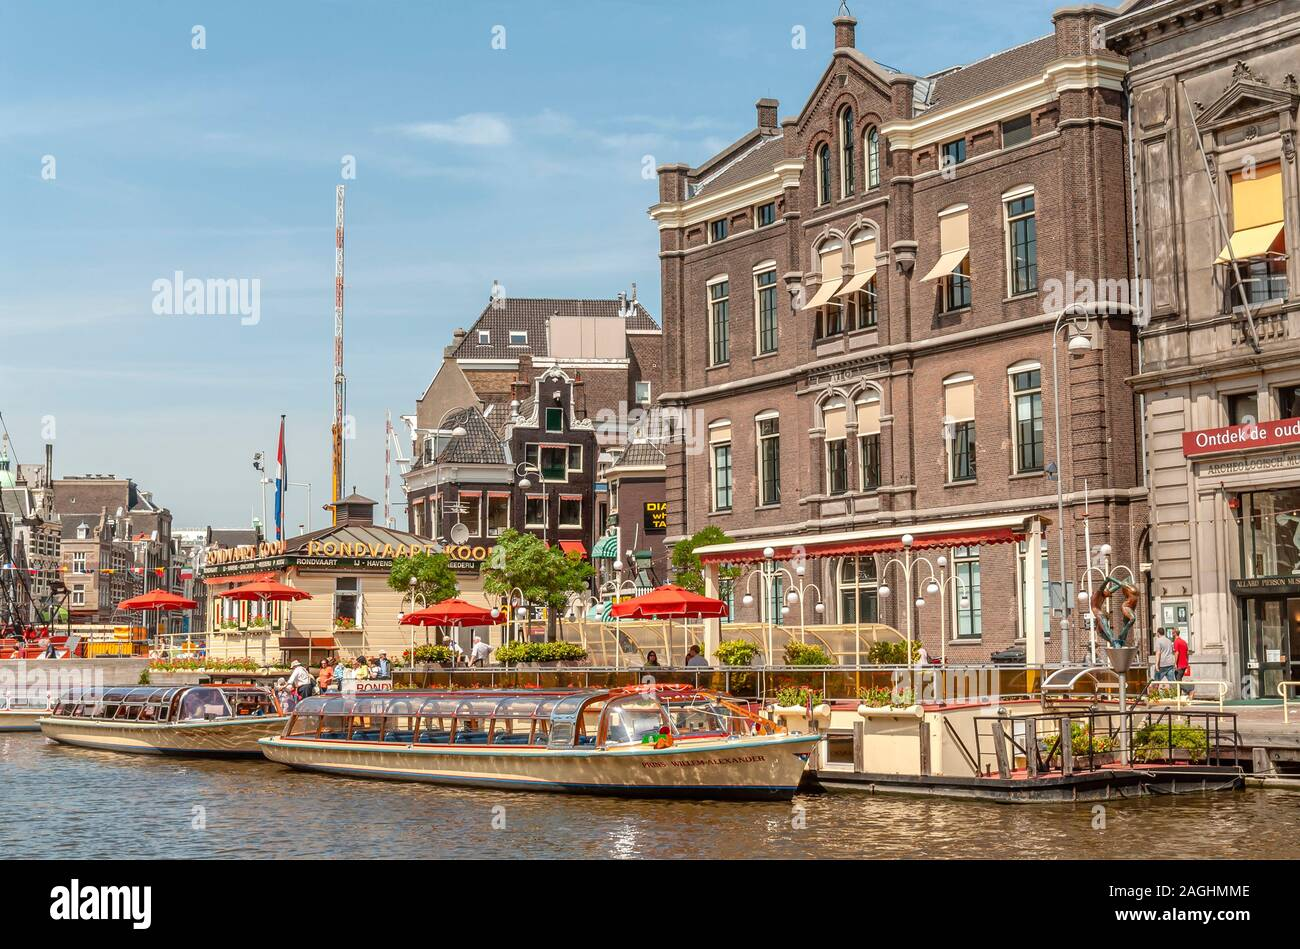 Bateaux à visiter dans un canal aquatique dans le centre-ville d'Amsterdam, Pays-Bas Banque D'Images